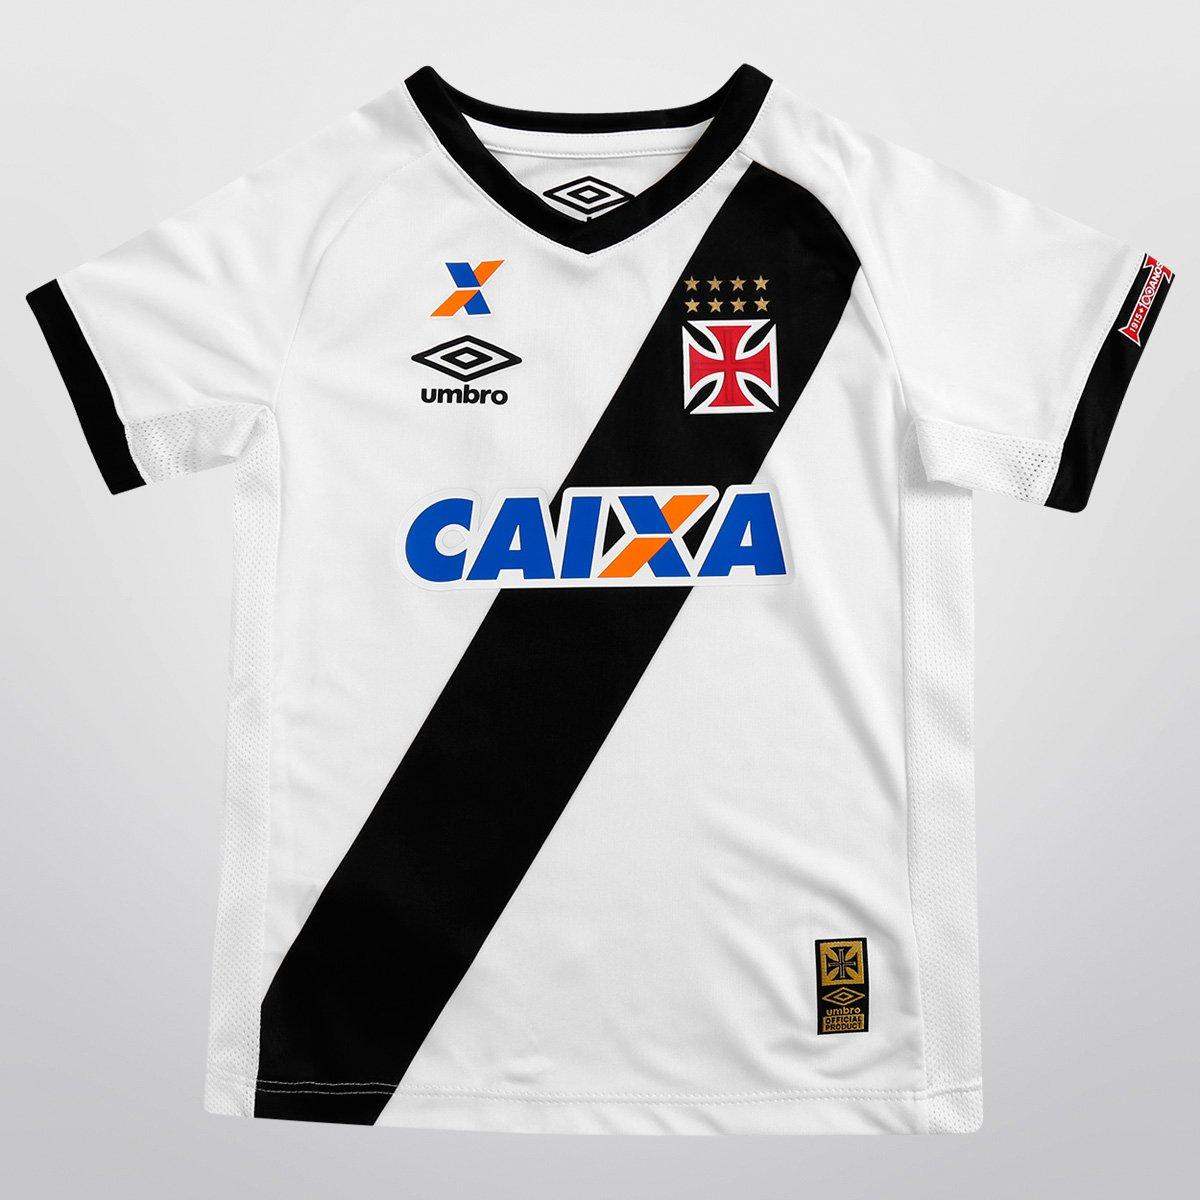 a92ac23d71731 Camisa Umbro Vasco II 15 16 s nº Infantil - Compre Agora